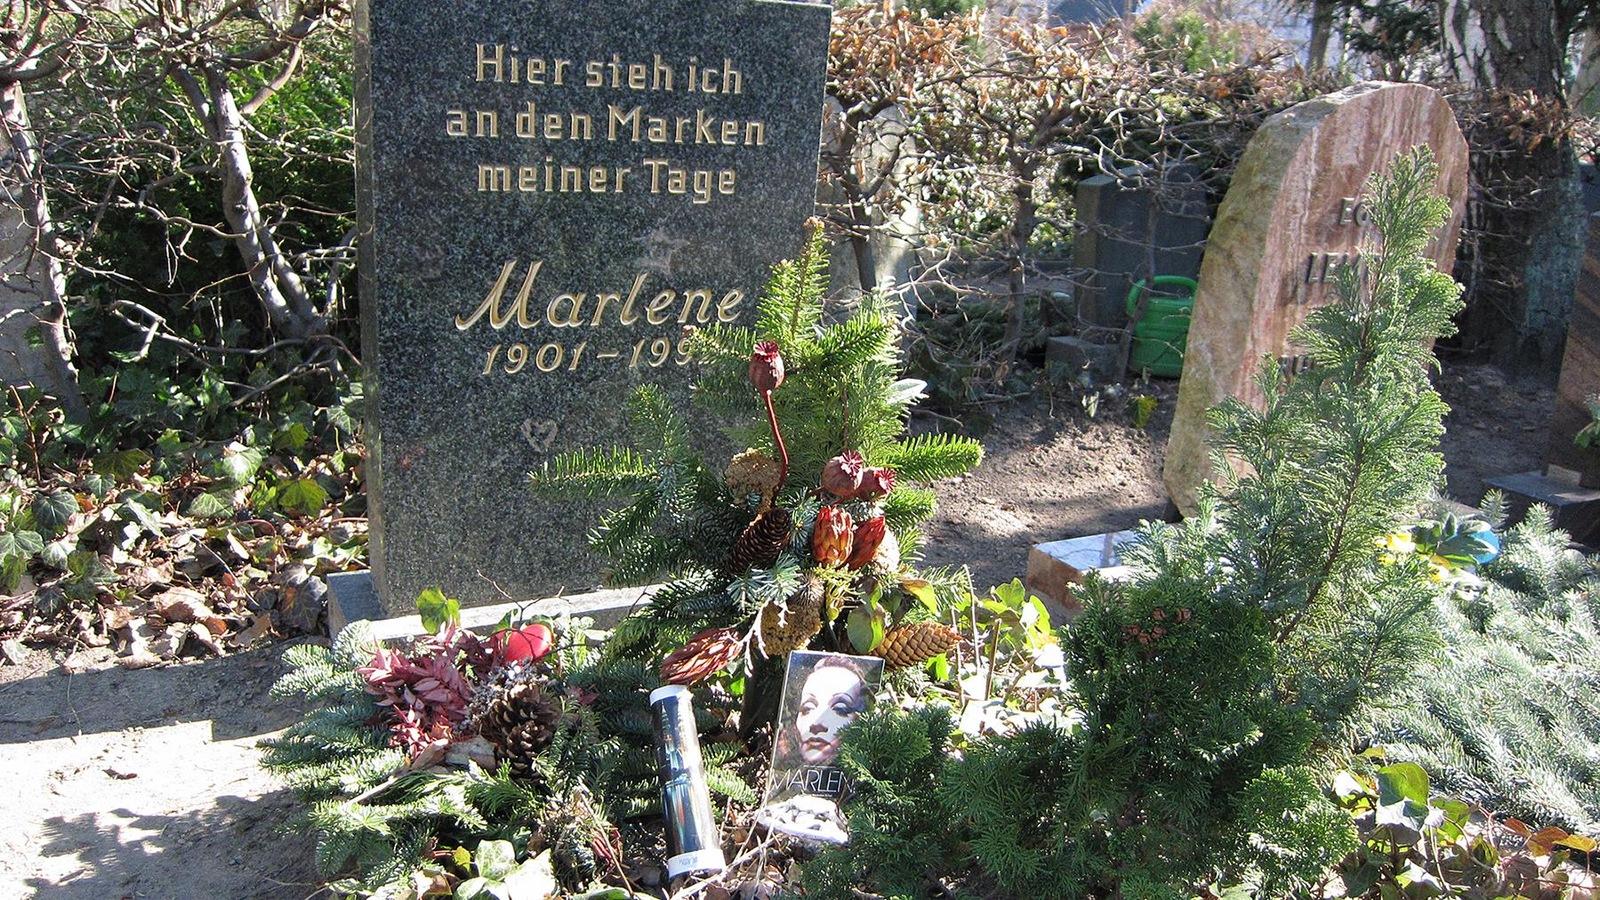 Dans un cimetière se trouve une tombe avec une pierre écrite en allemand et Marlene 1901-199.